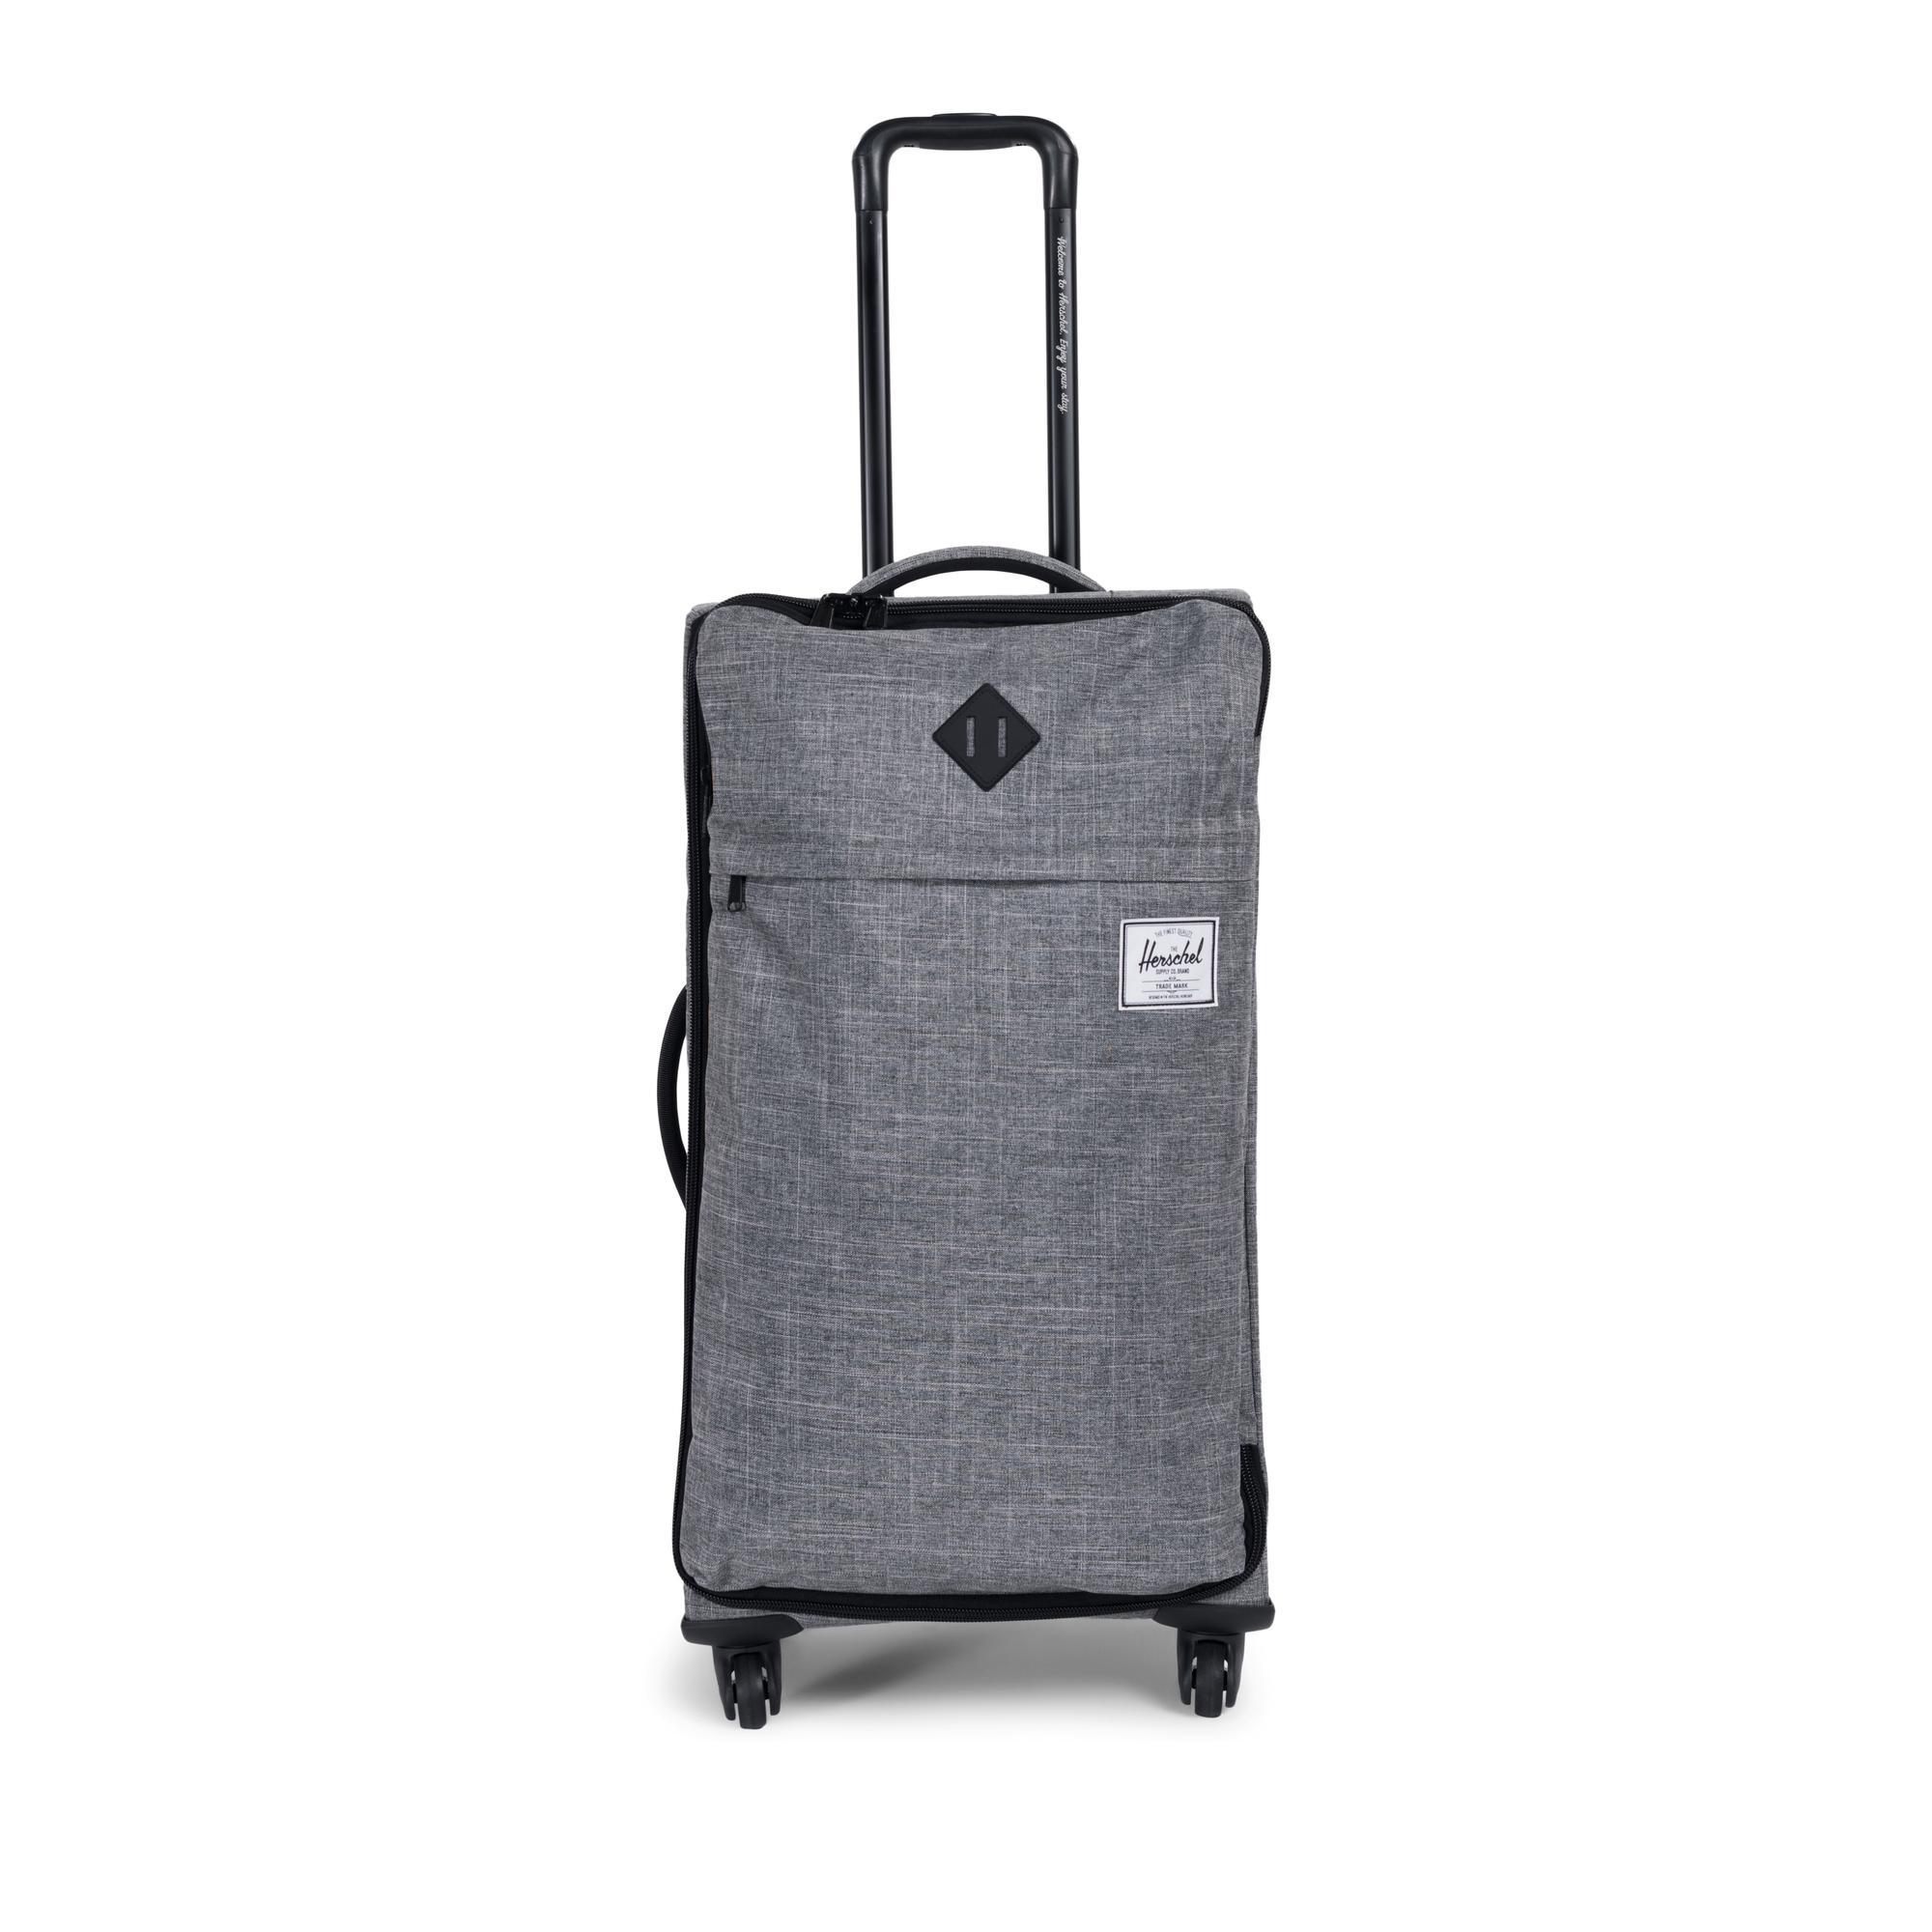 Highland Luggage Medium  8a70404dc4cb8